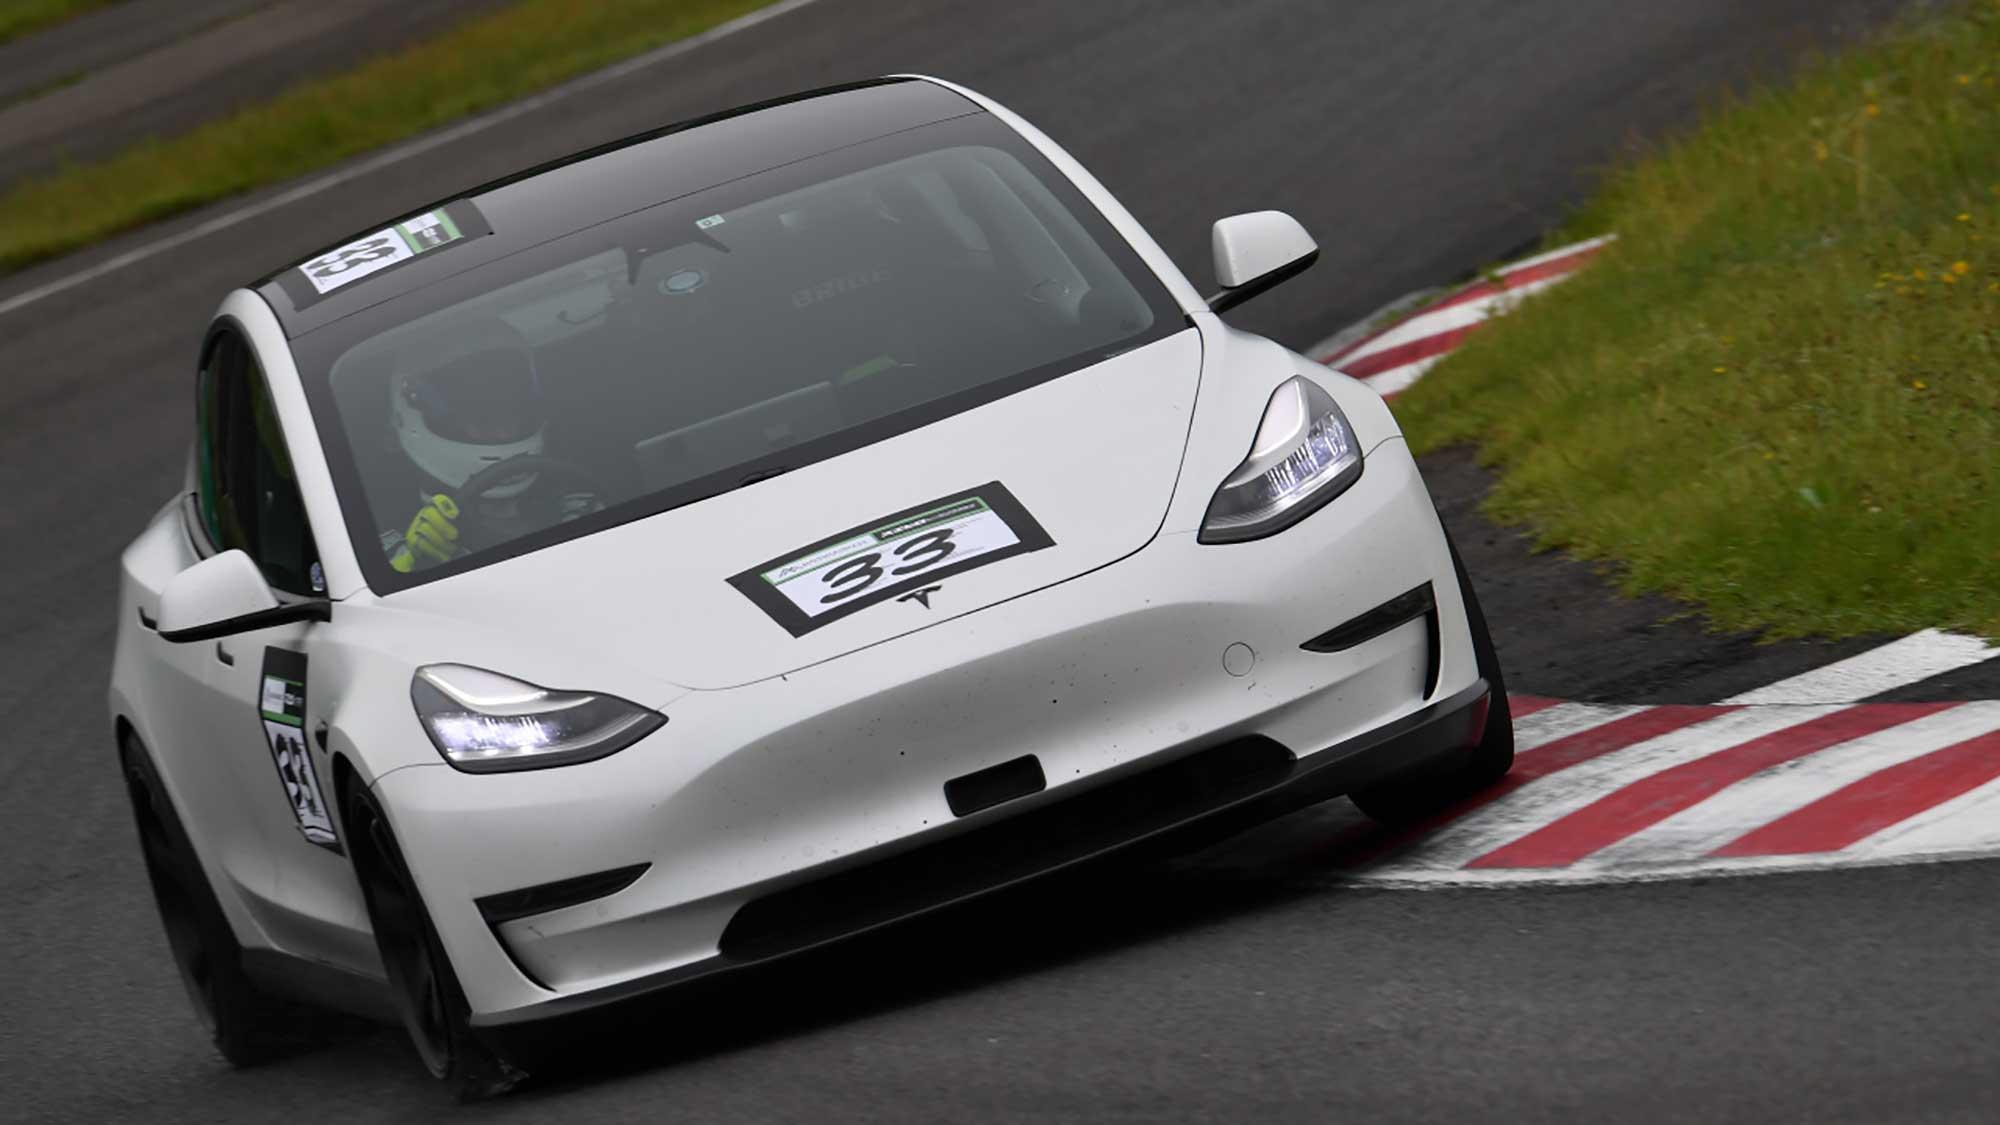 電気自動車レース『JEVRA』の魅力を再確認 【PART3】テスラ『モデル3』の衝撃 | EVsmartブログ